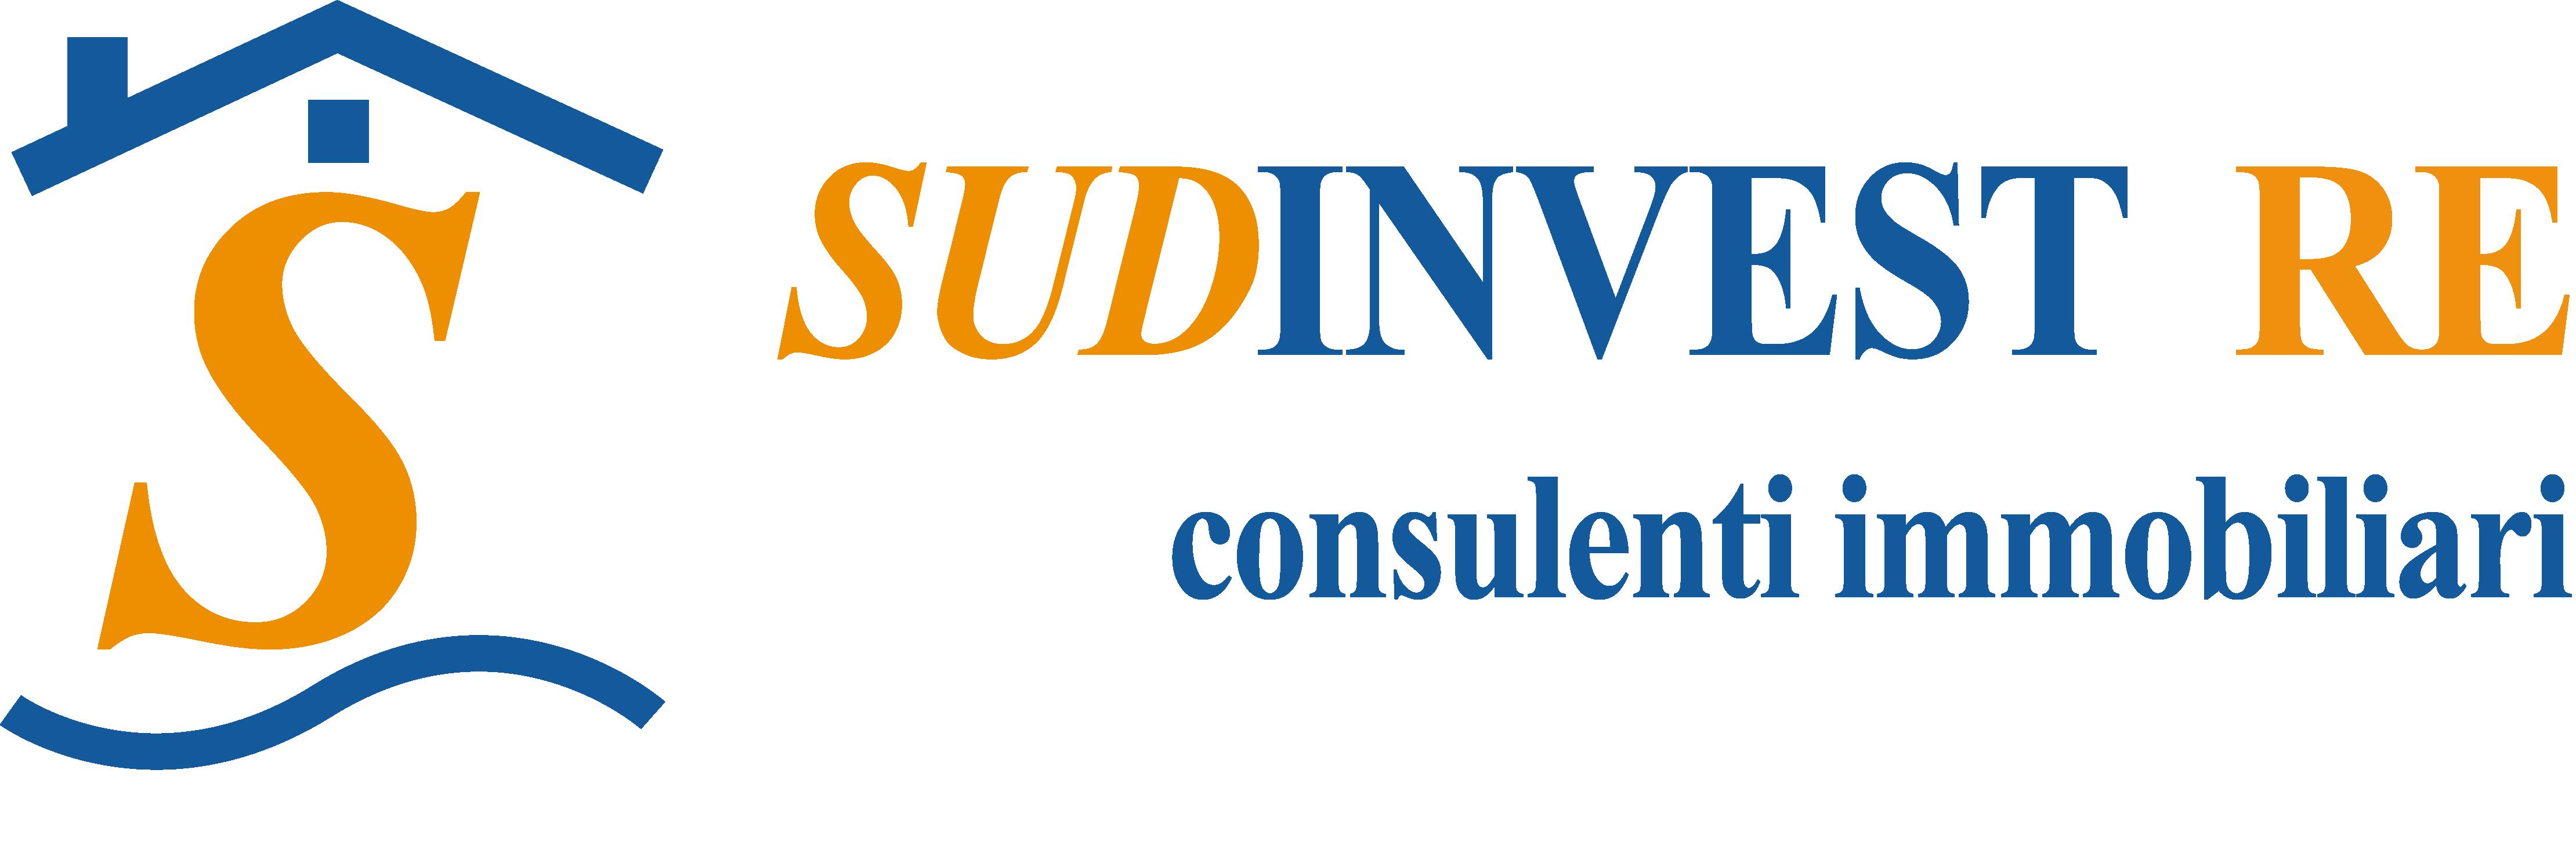 Sudinvest RE - Consulenti Immobiliari